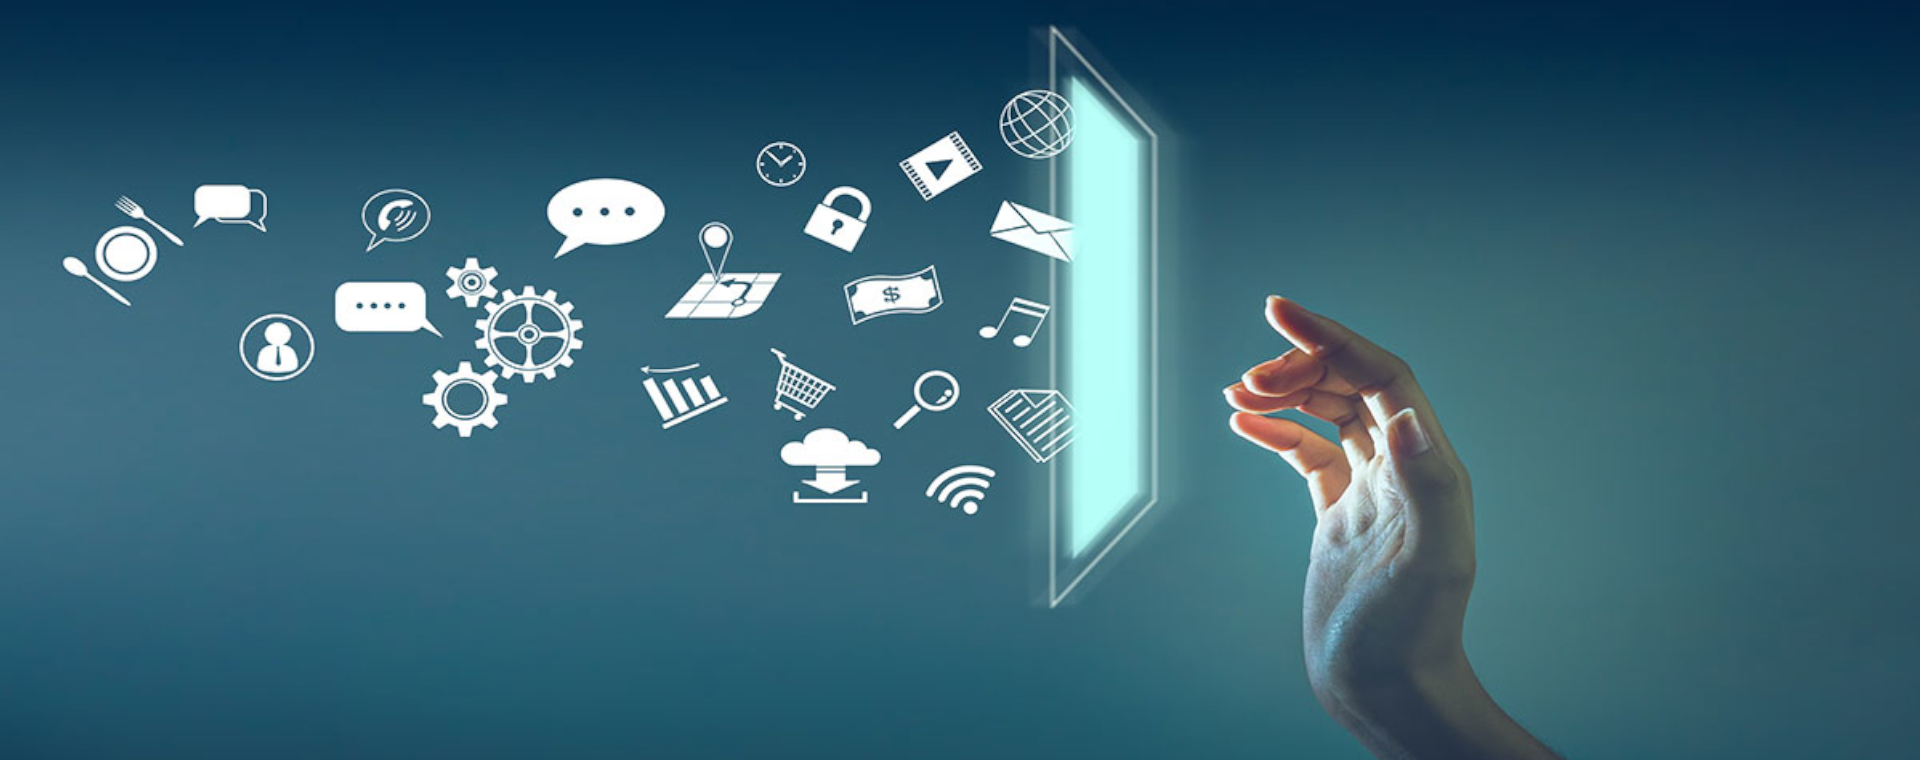 Des plateformes multifonctionnelles pour mieux apprendre